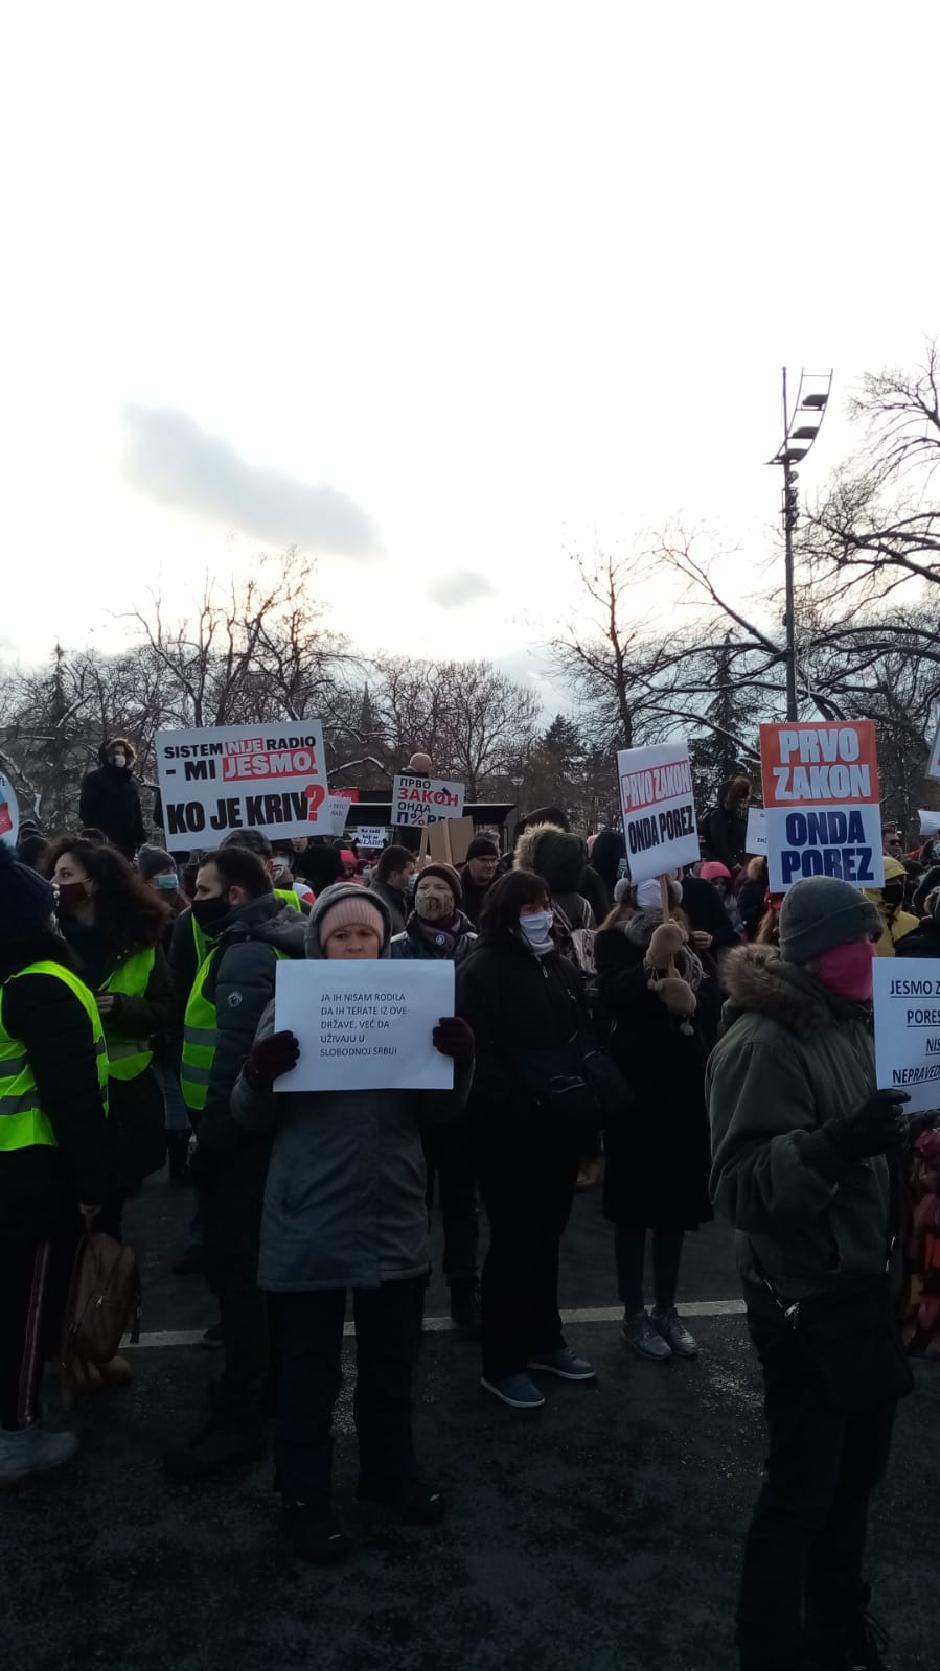 Veliki broj nezadovoljnih radnika n ainternetu se okupio ispred Skupštine Srbije FOTO: M. Radović